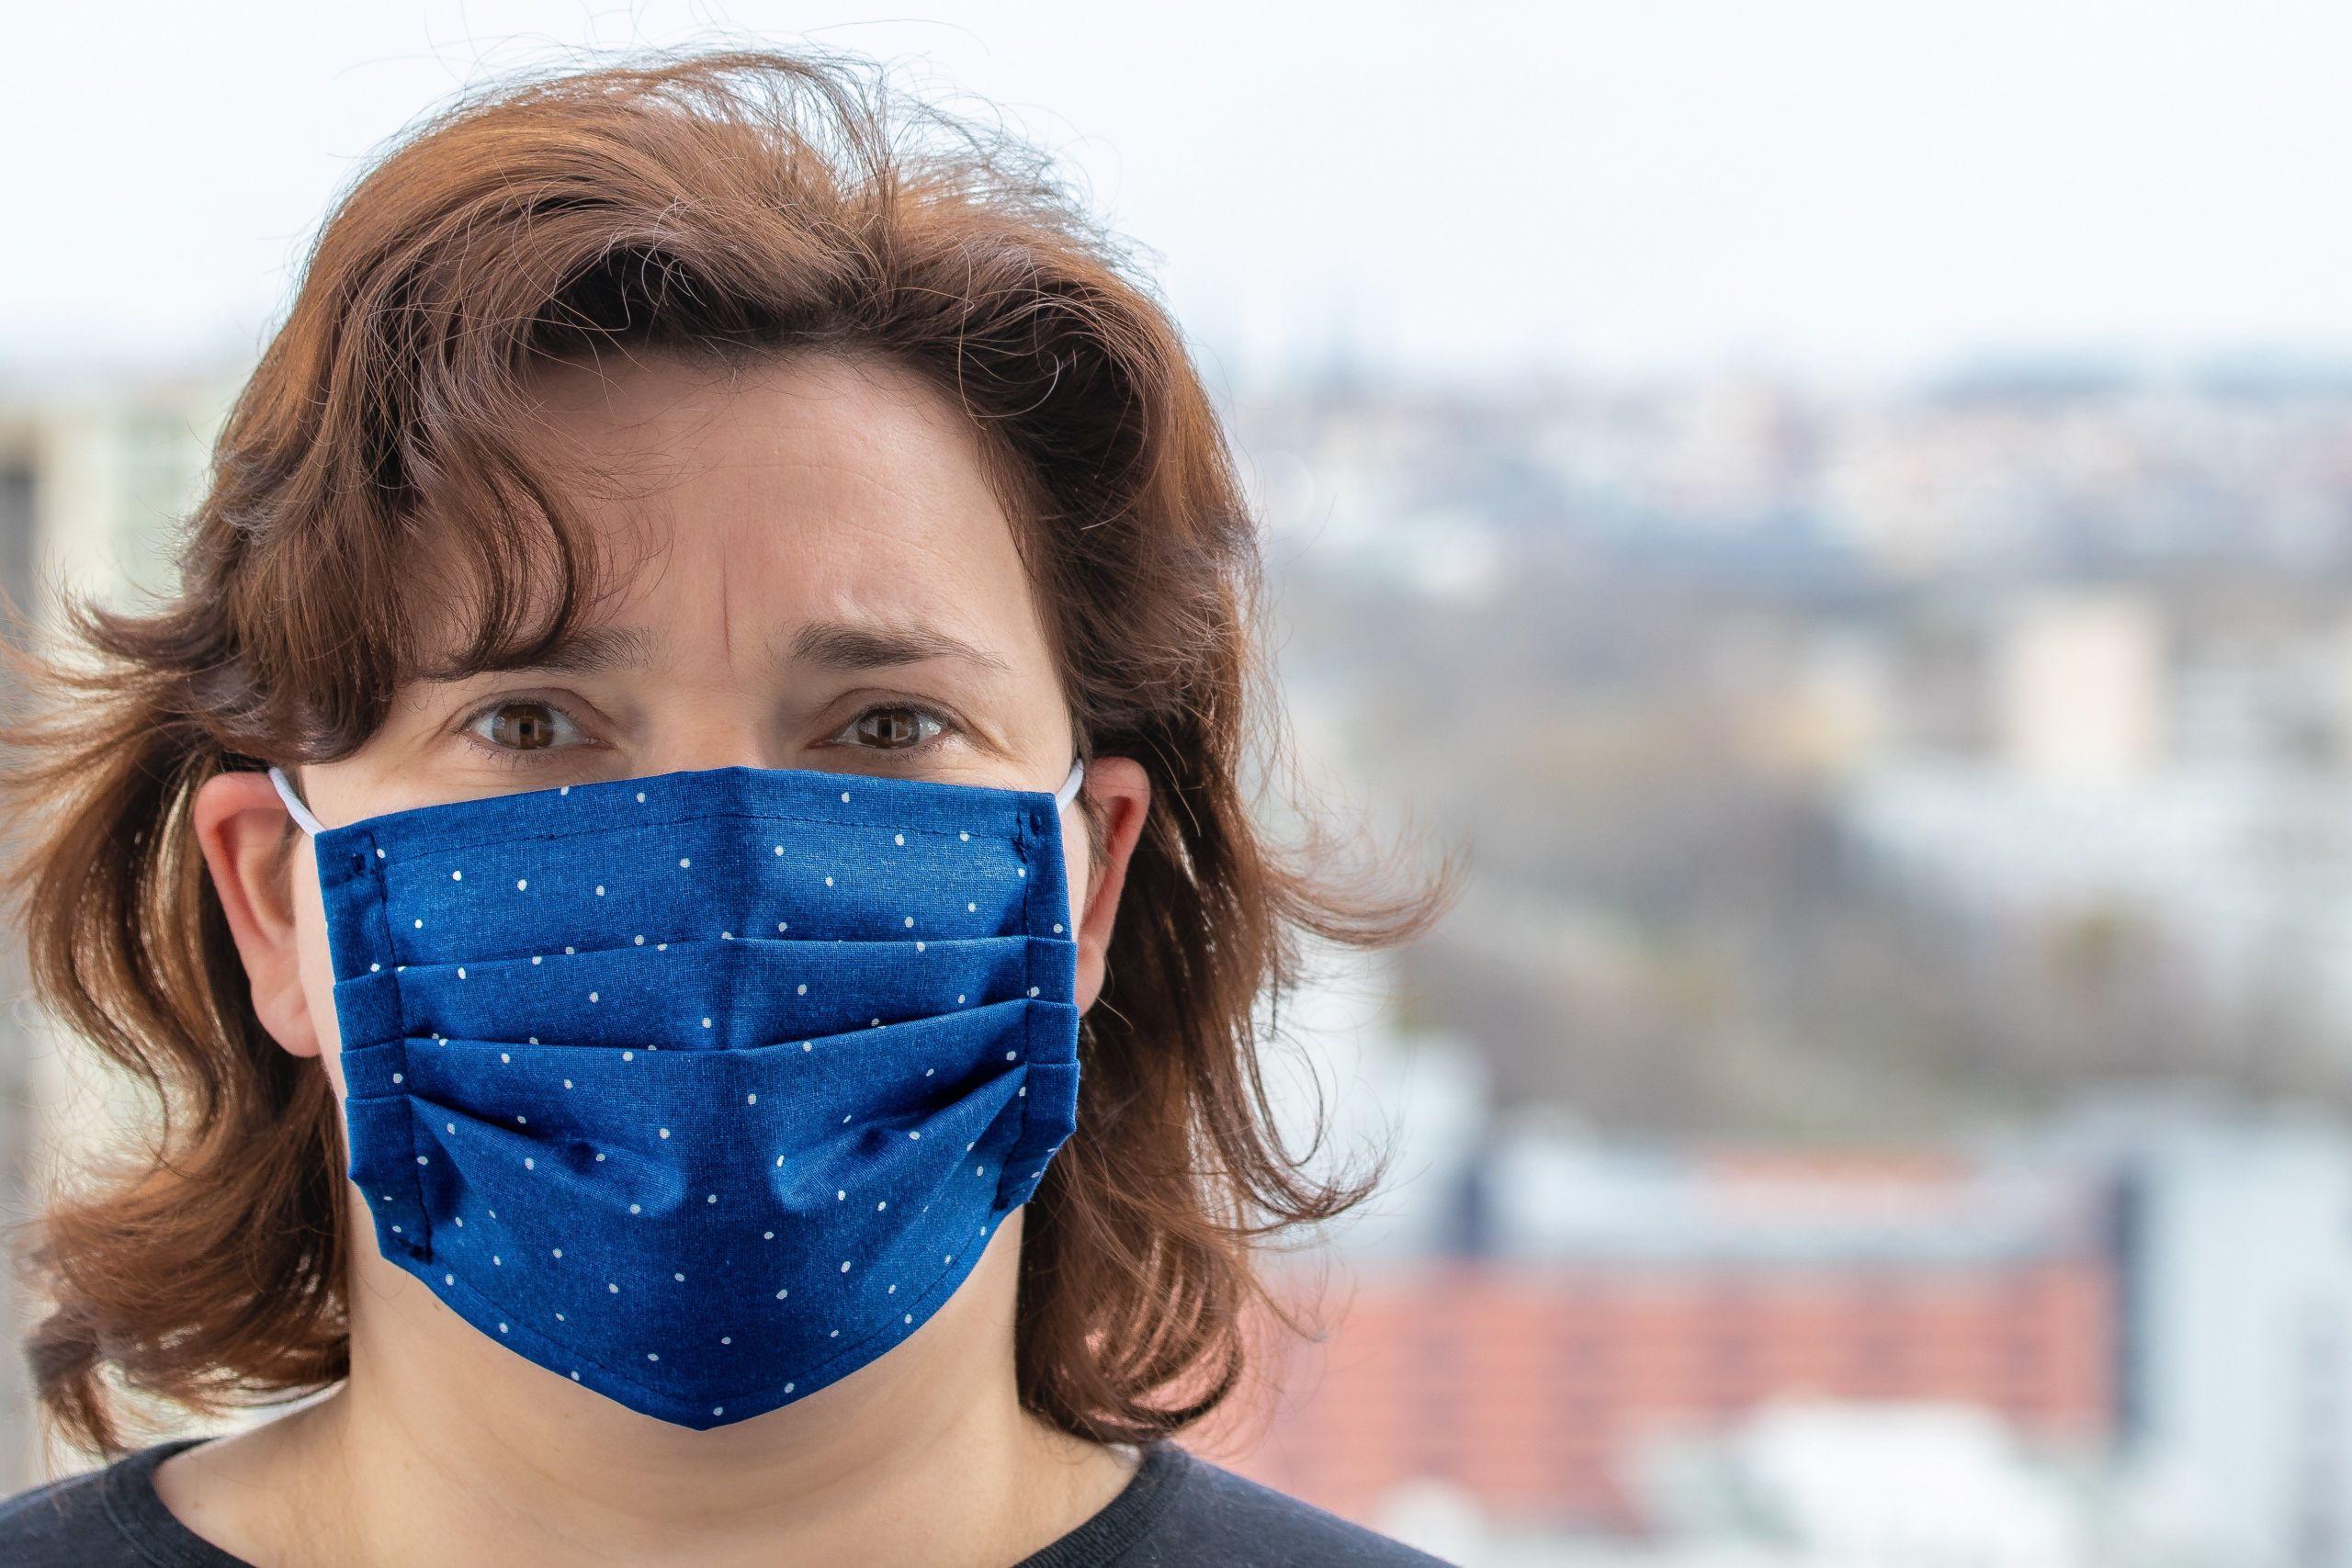 corona, virus, pandemic